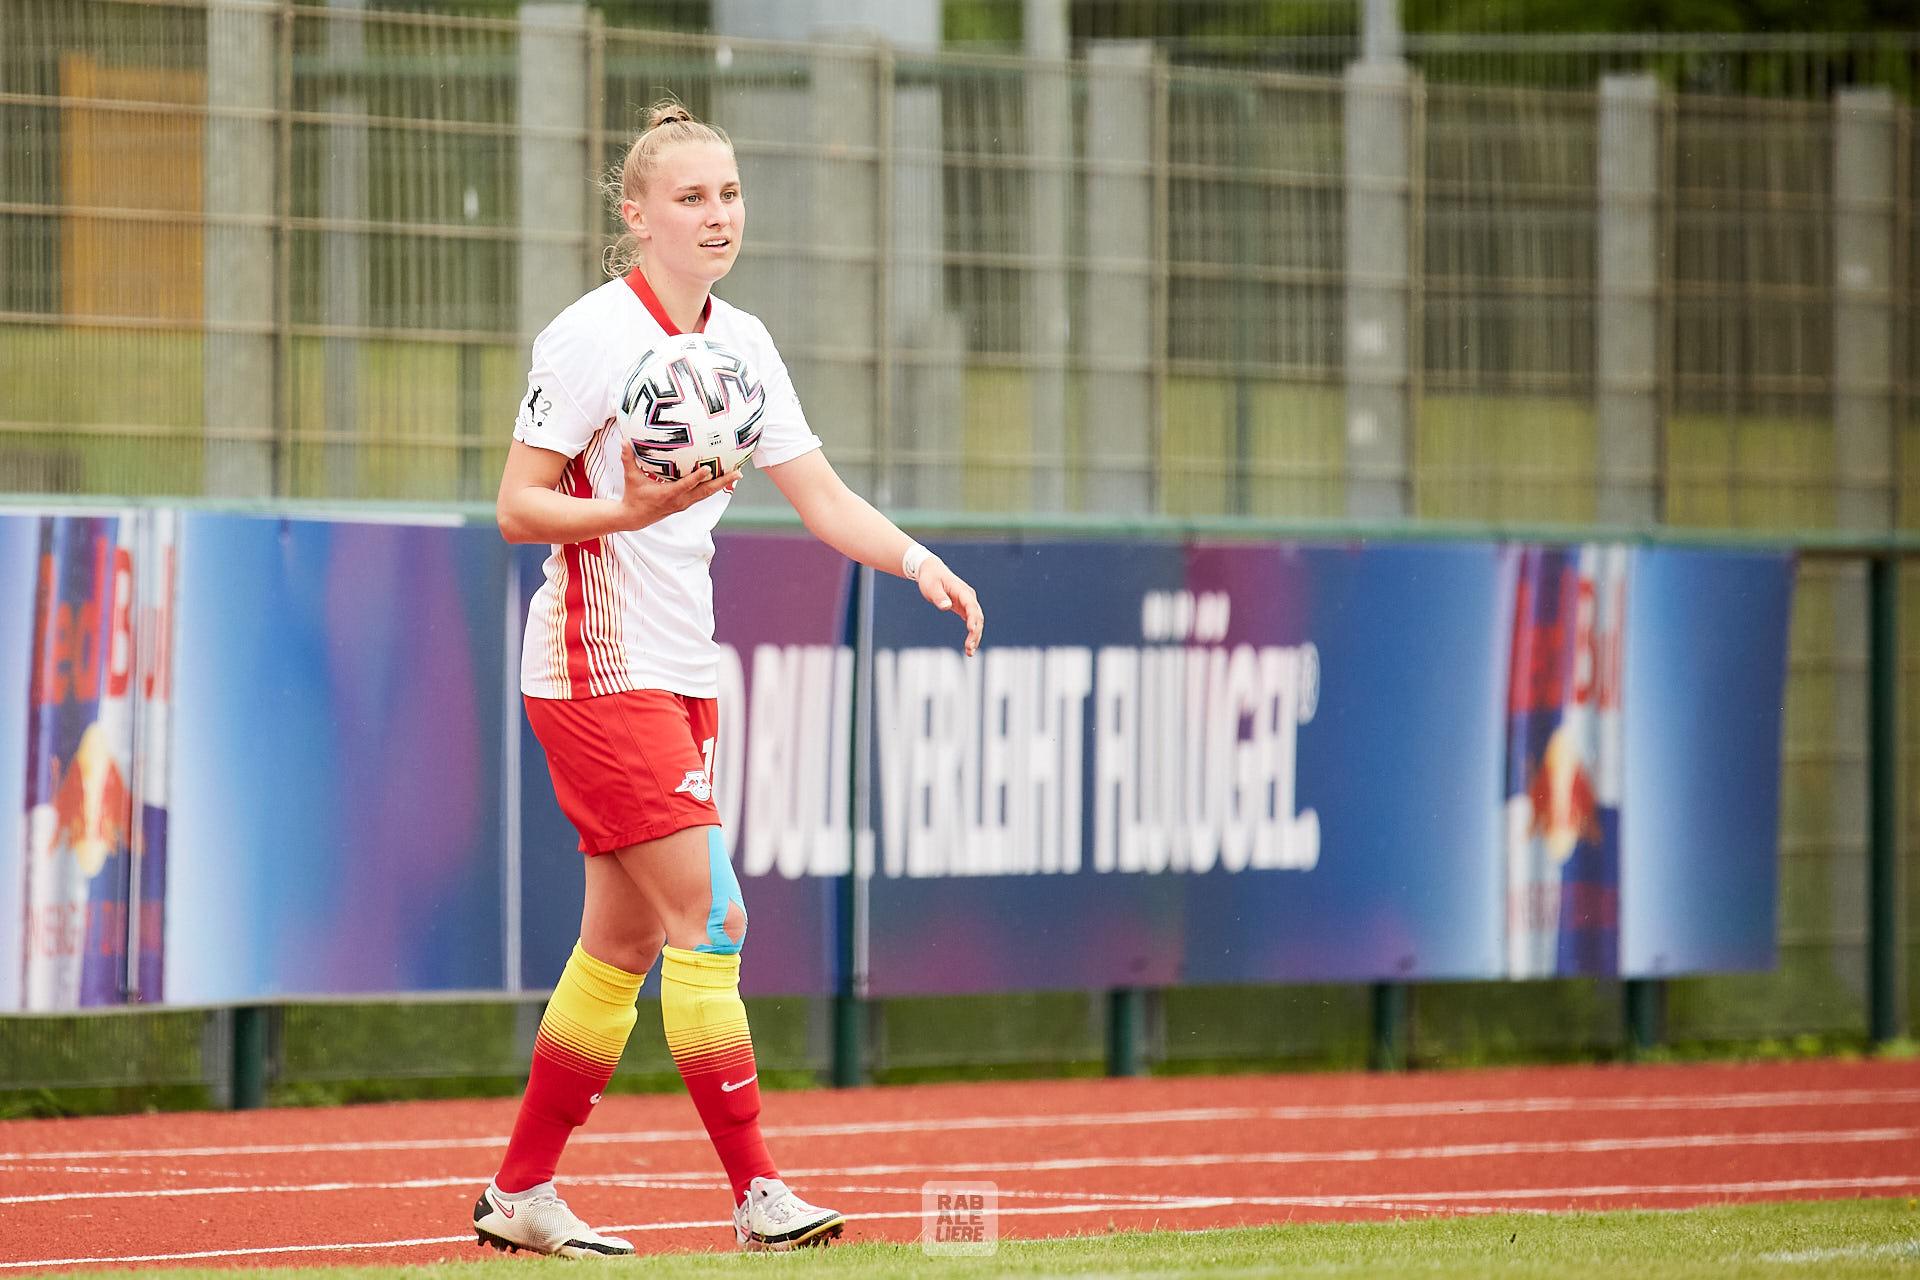 2. Frauenbundesliga: RB Leipzig -vs- Turbine Potsdam II